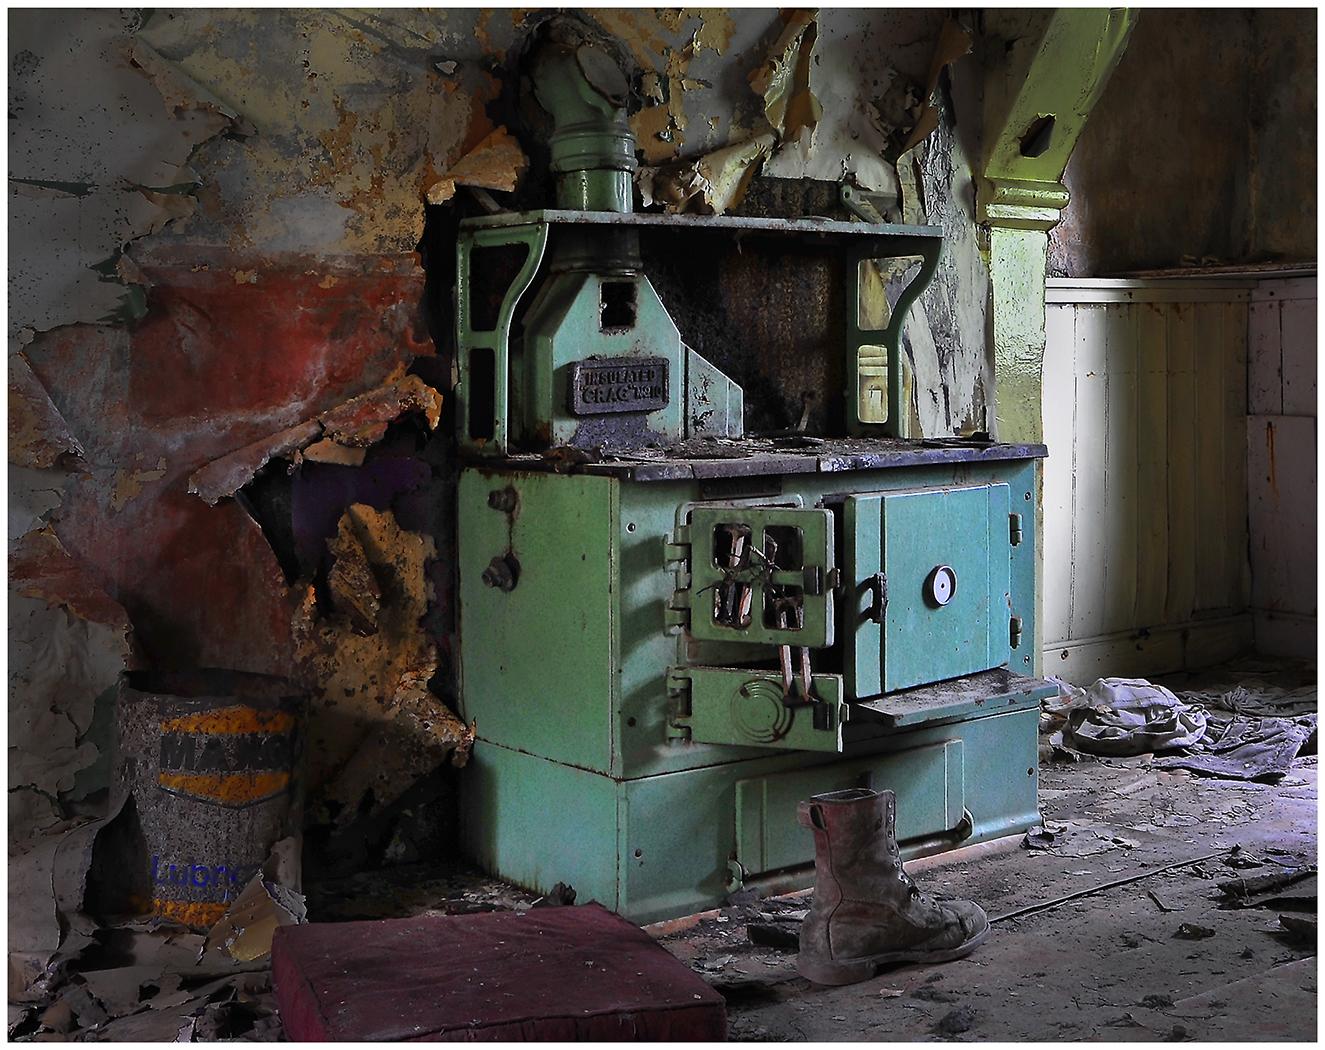 Millar's Crag_CBPPU_2012_PAT McKEEFRY.jpg.jpg